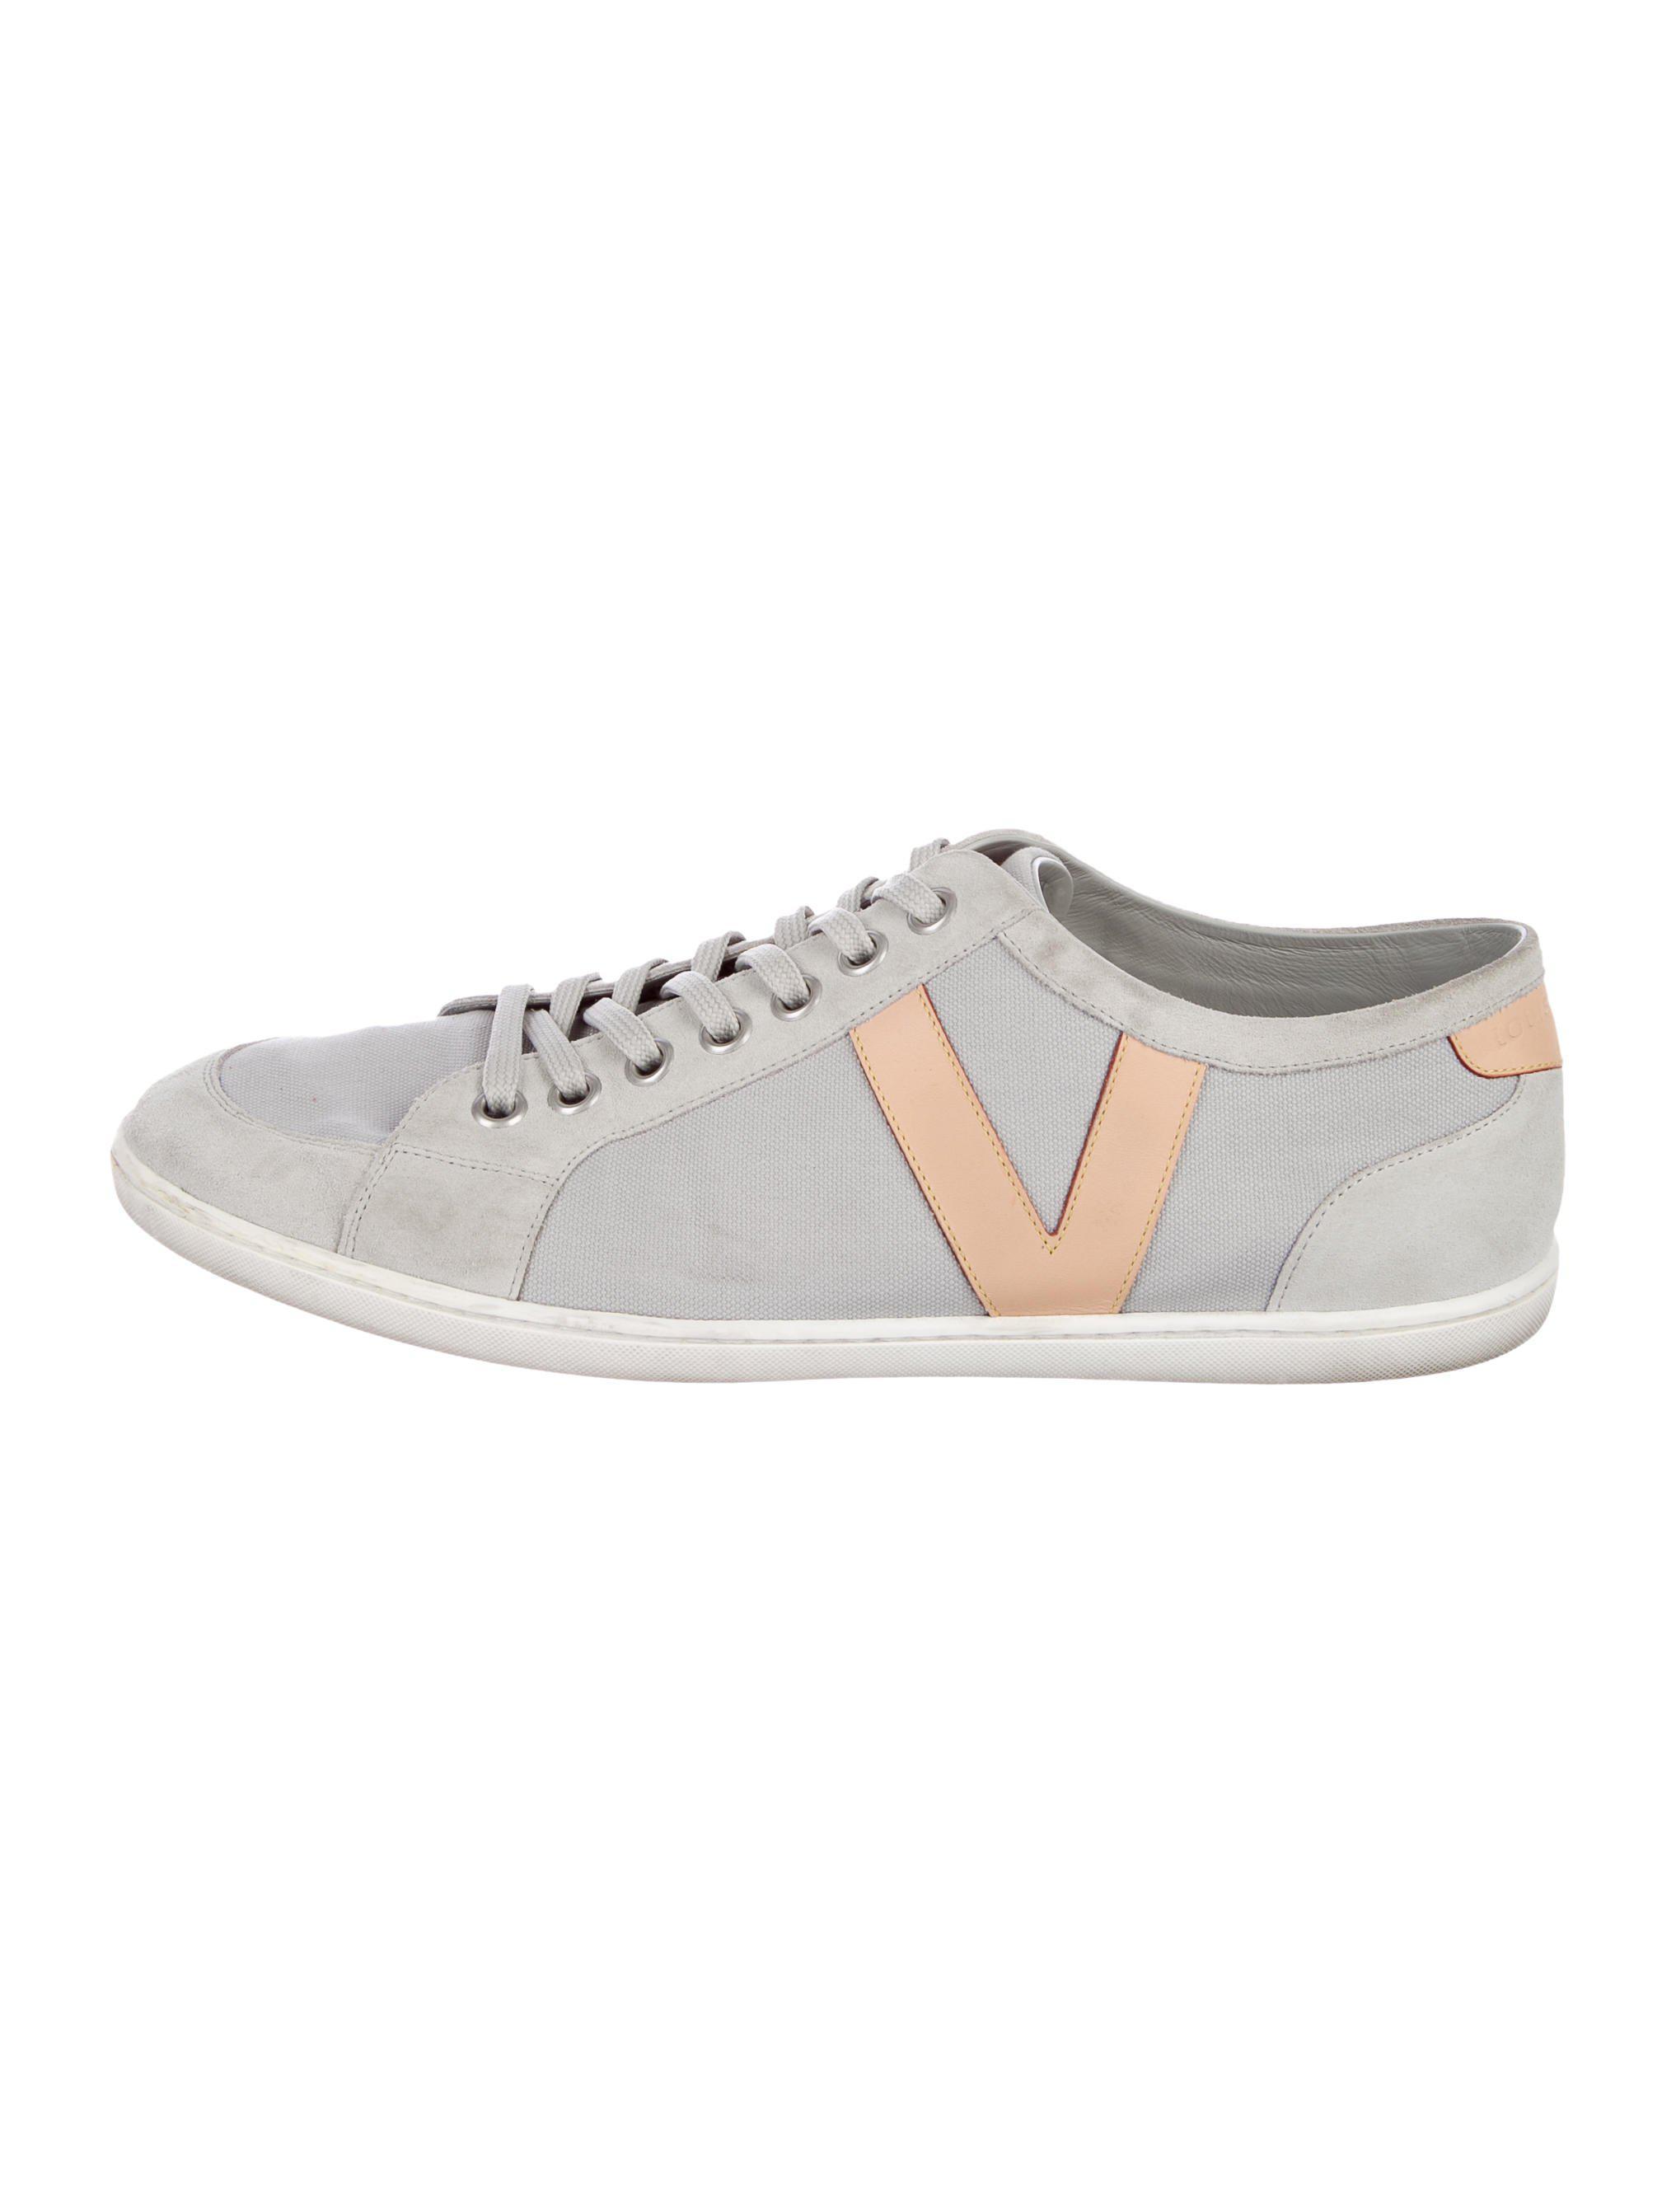 AMPTHILL - Sneaker low - mint I4GPZeVZ0